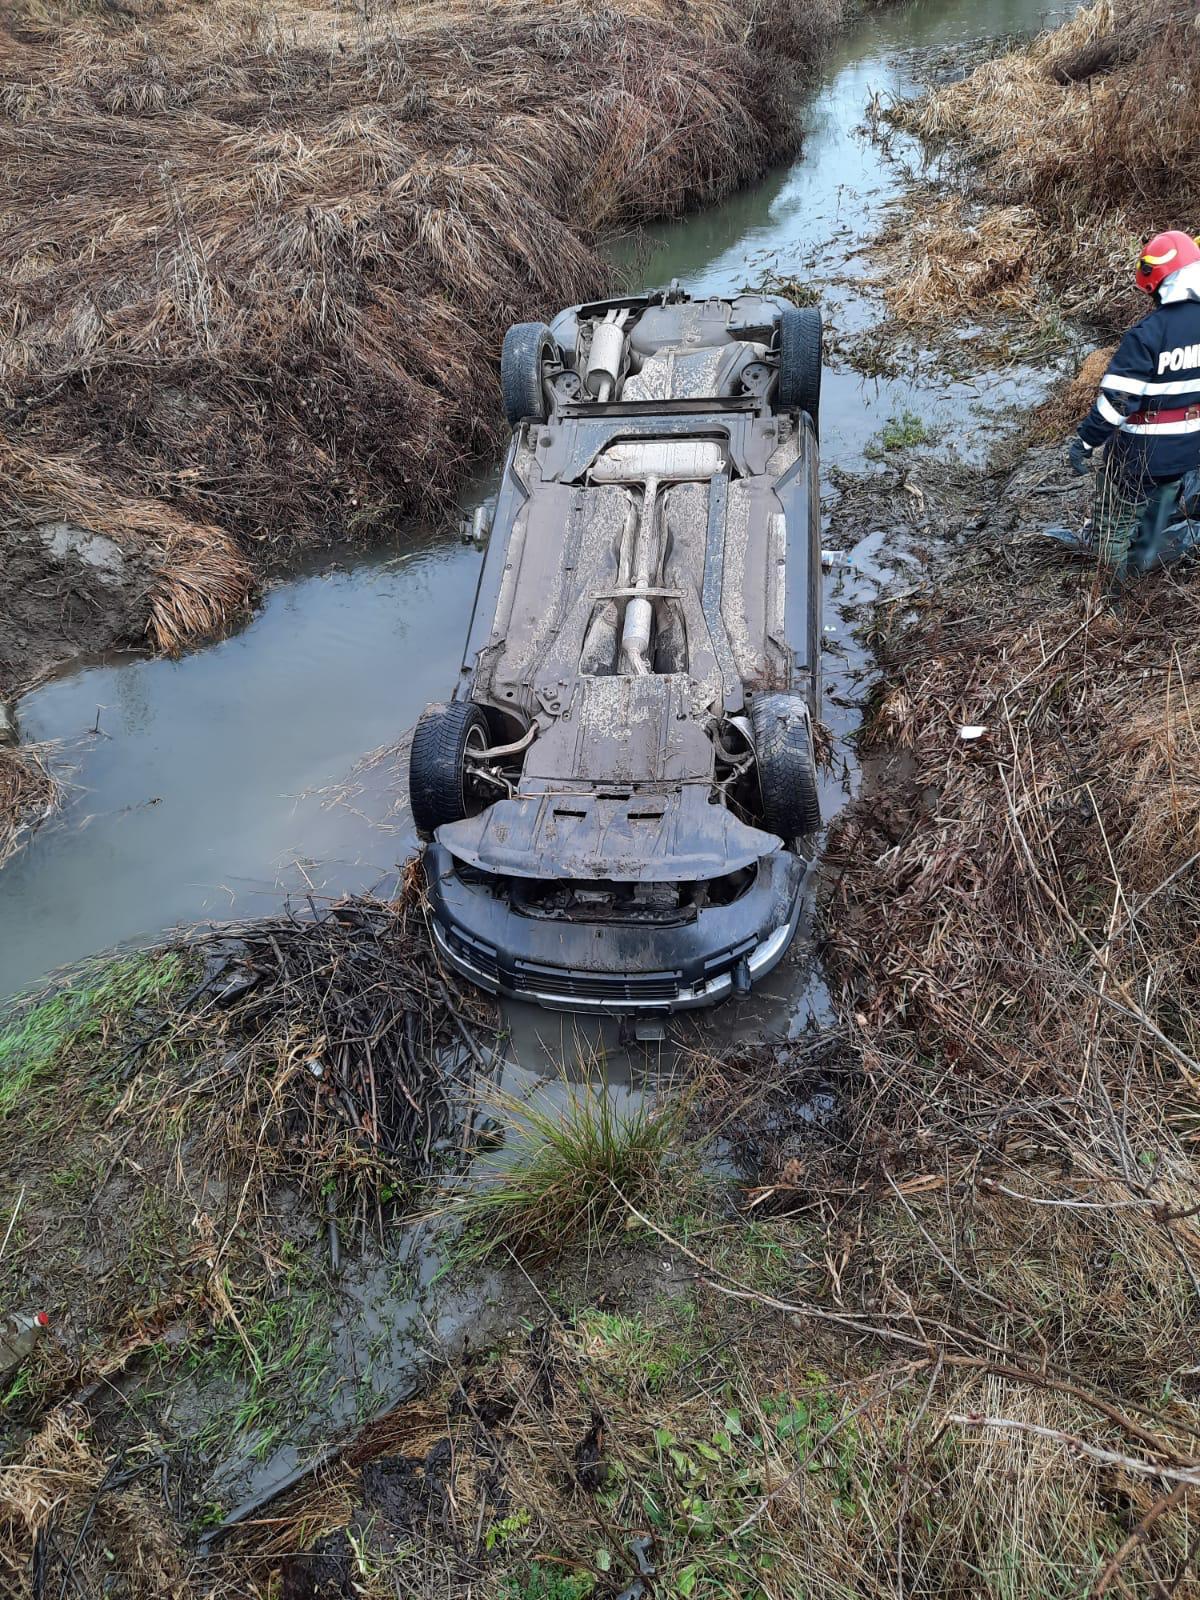 Șoferul unui accident rutier, sancționat contravențional cu amendă în valoare de 725 de lei